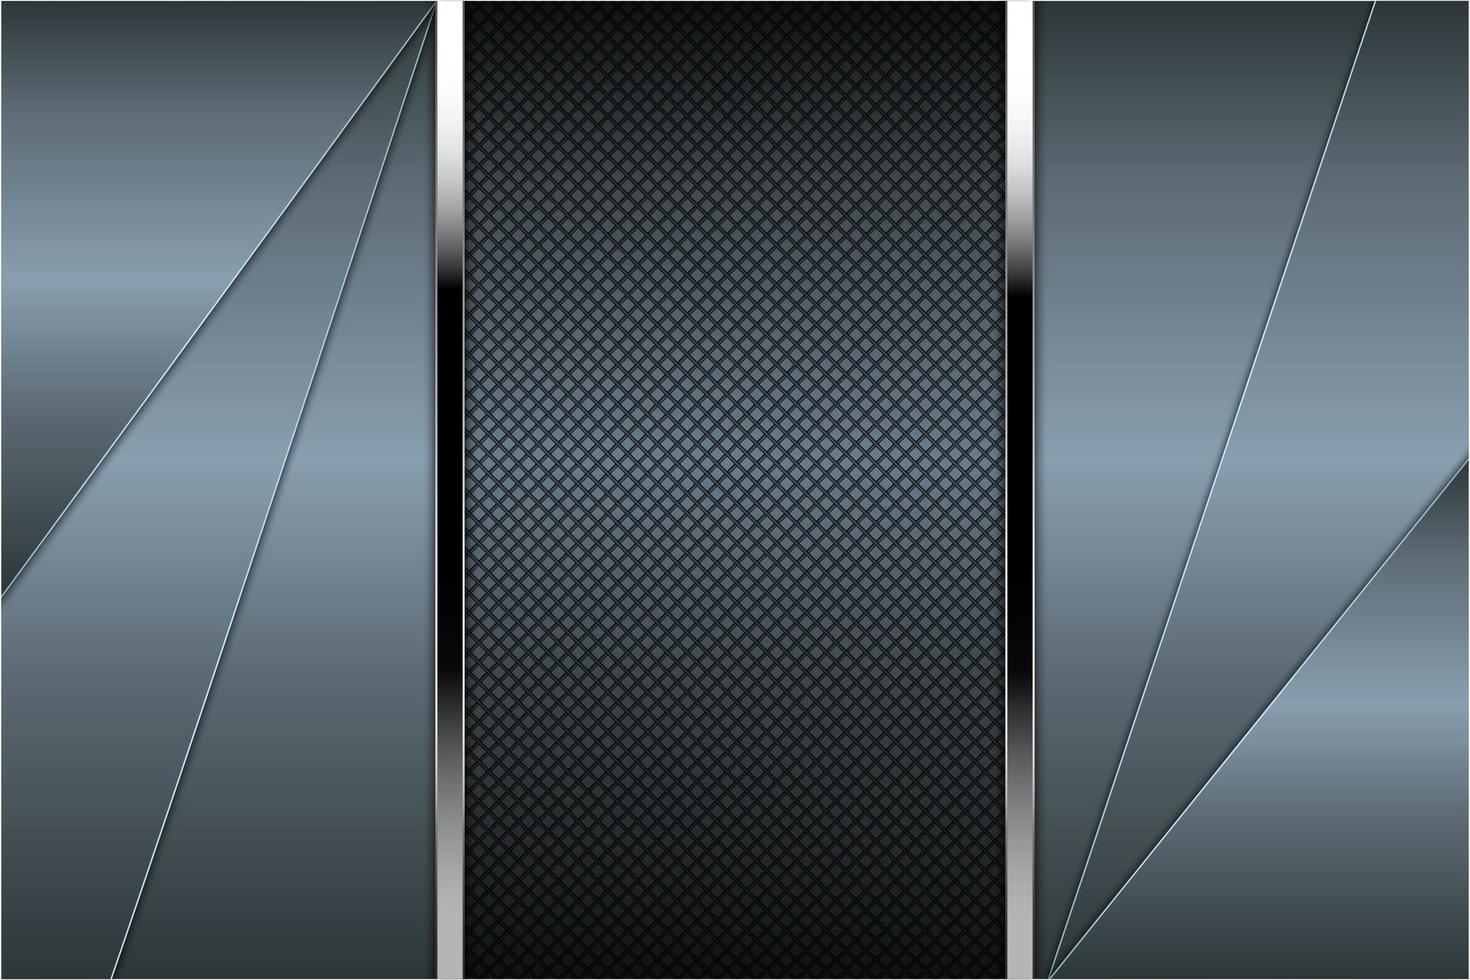 panneaux coudés bleu métallique avec texture en fibre de carbone vecteur